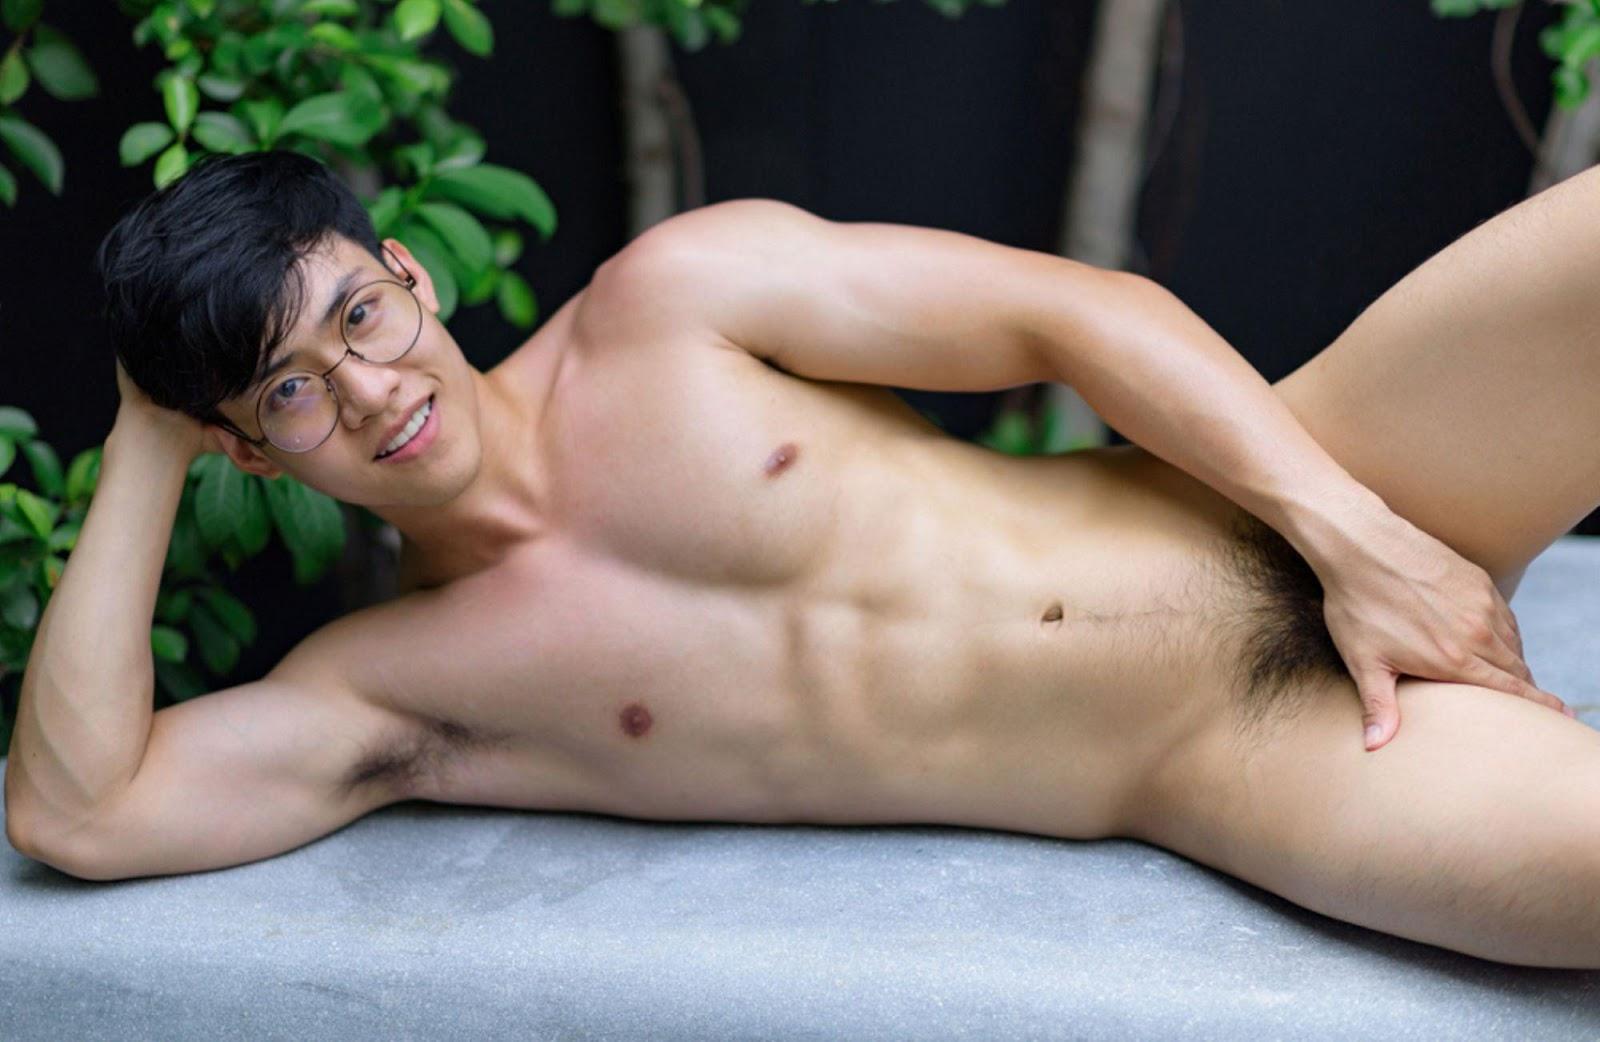 Muay thai boy naked